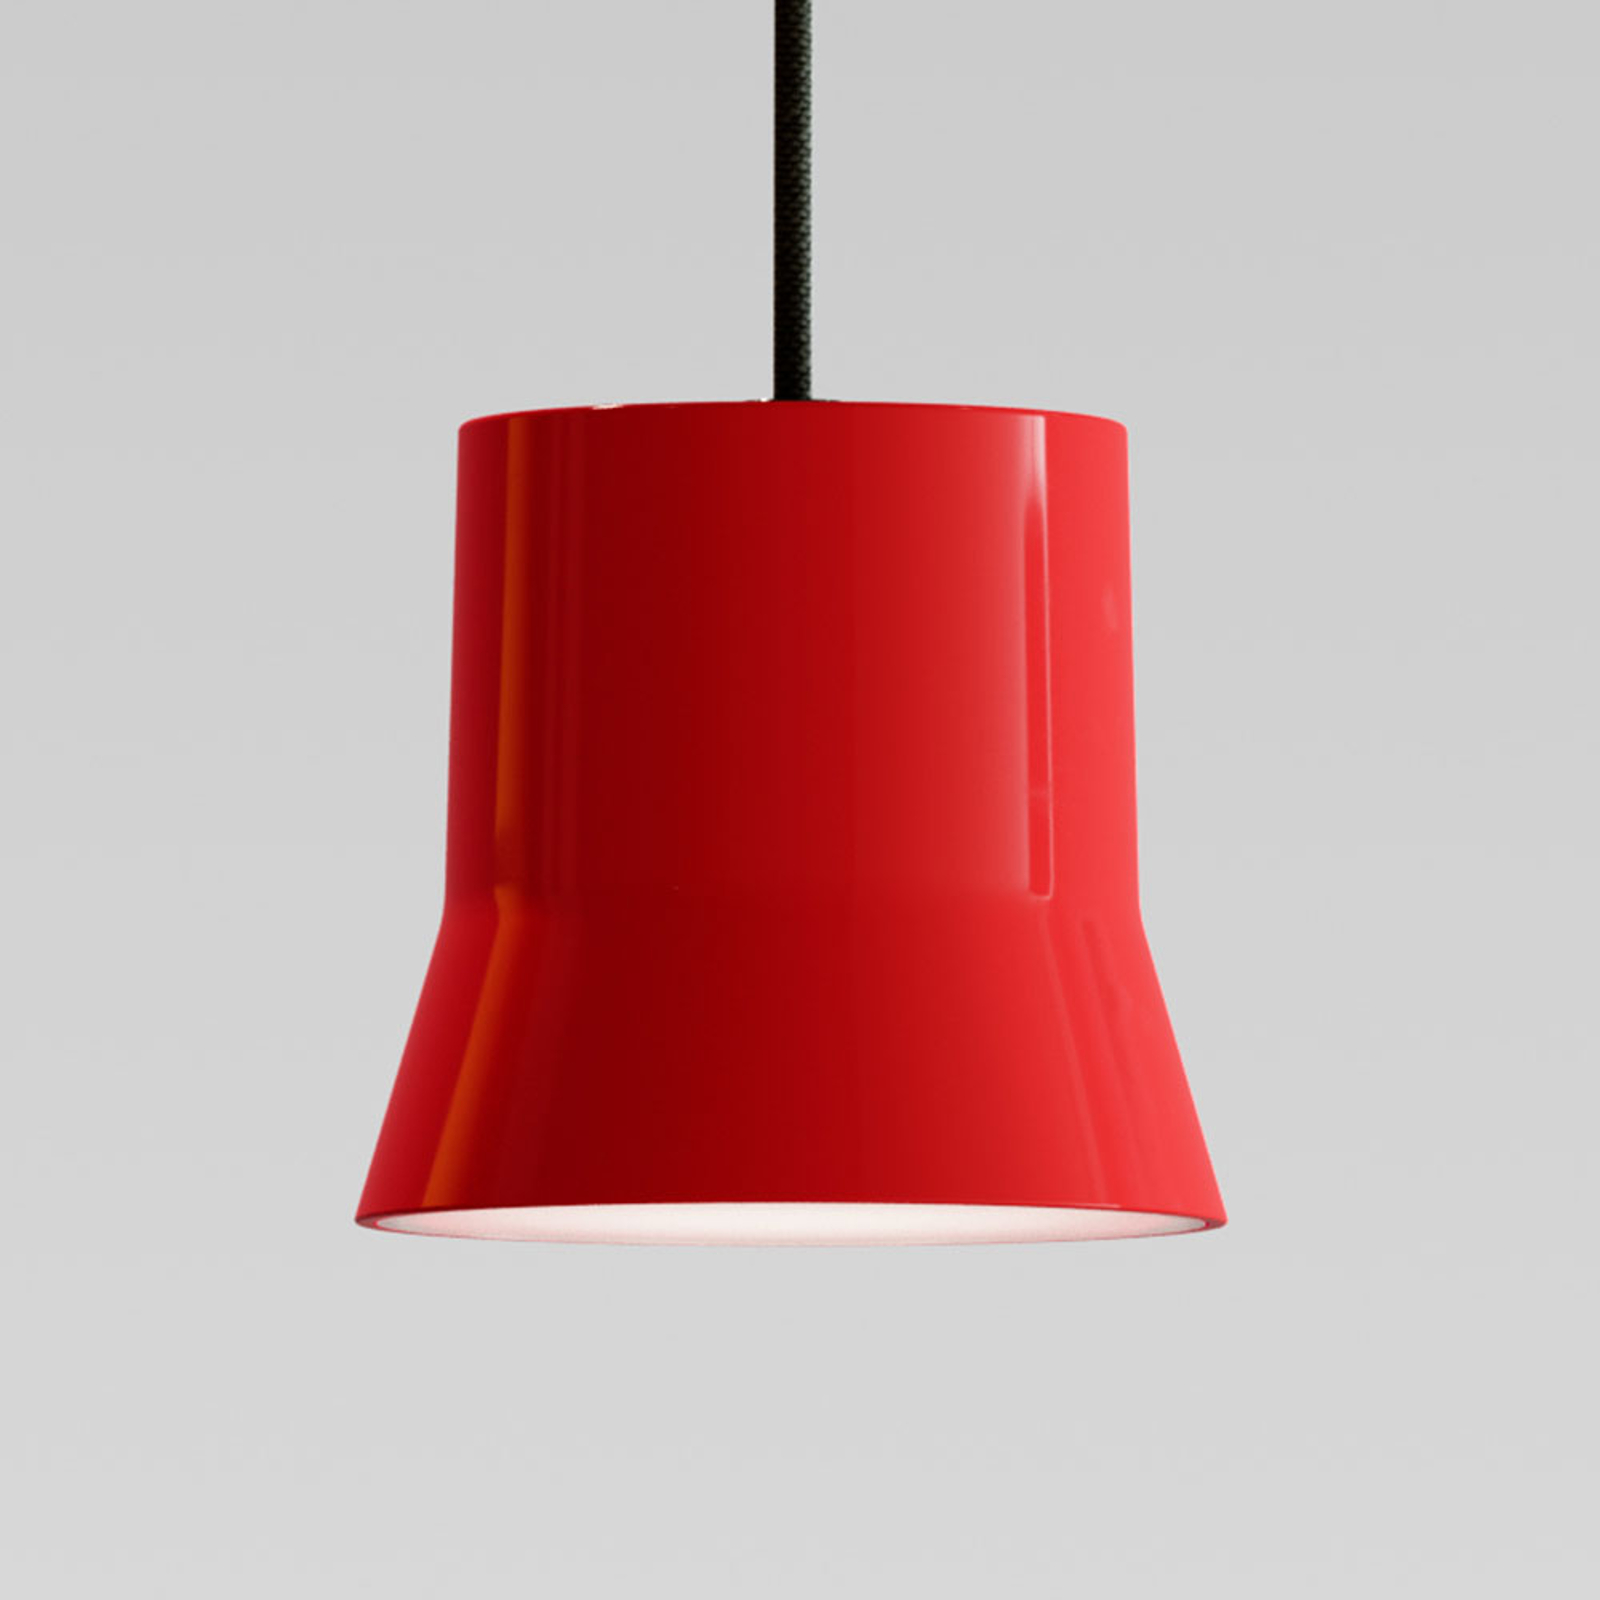 Artemide GIO.light LED-Hängeleuchte, rot